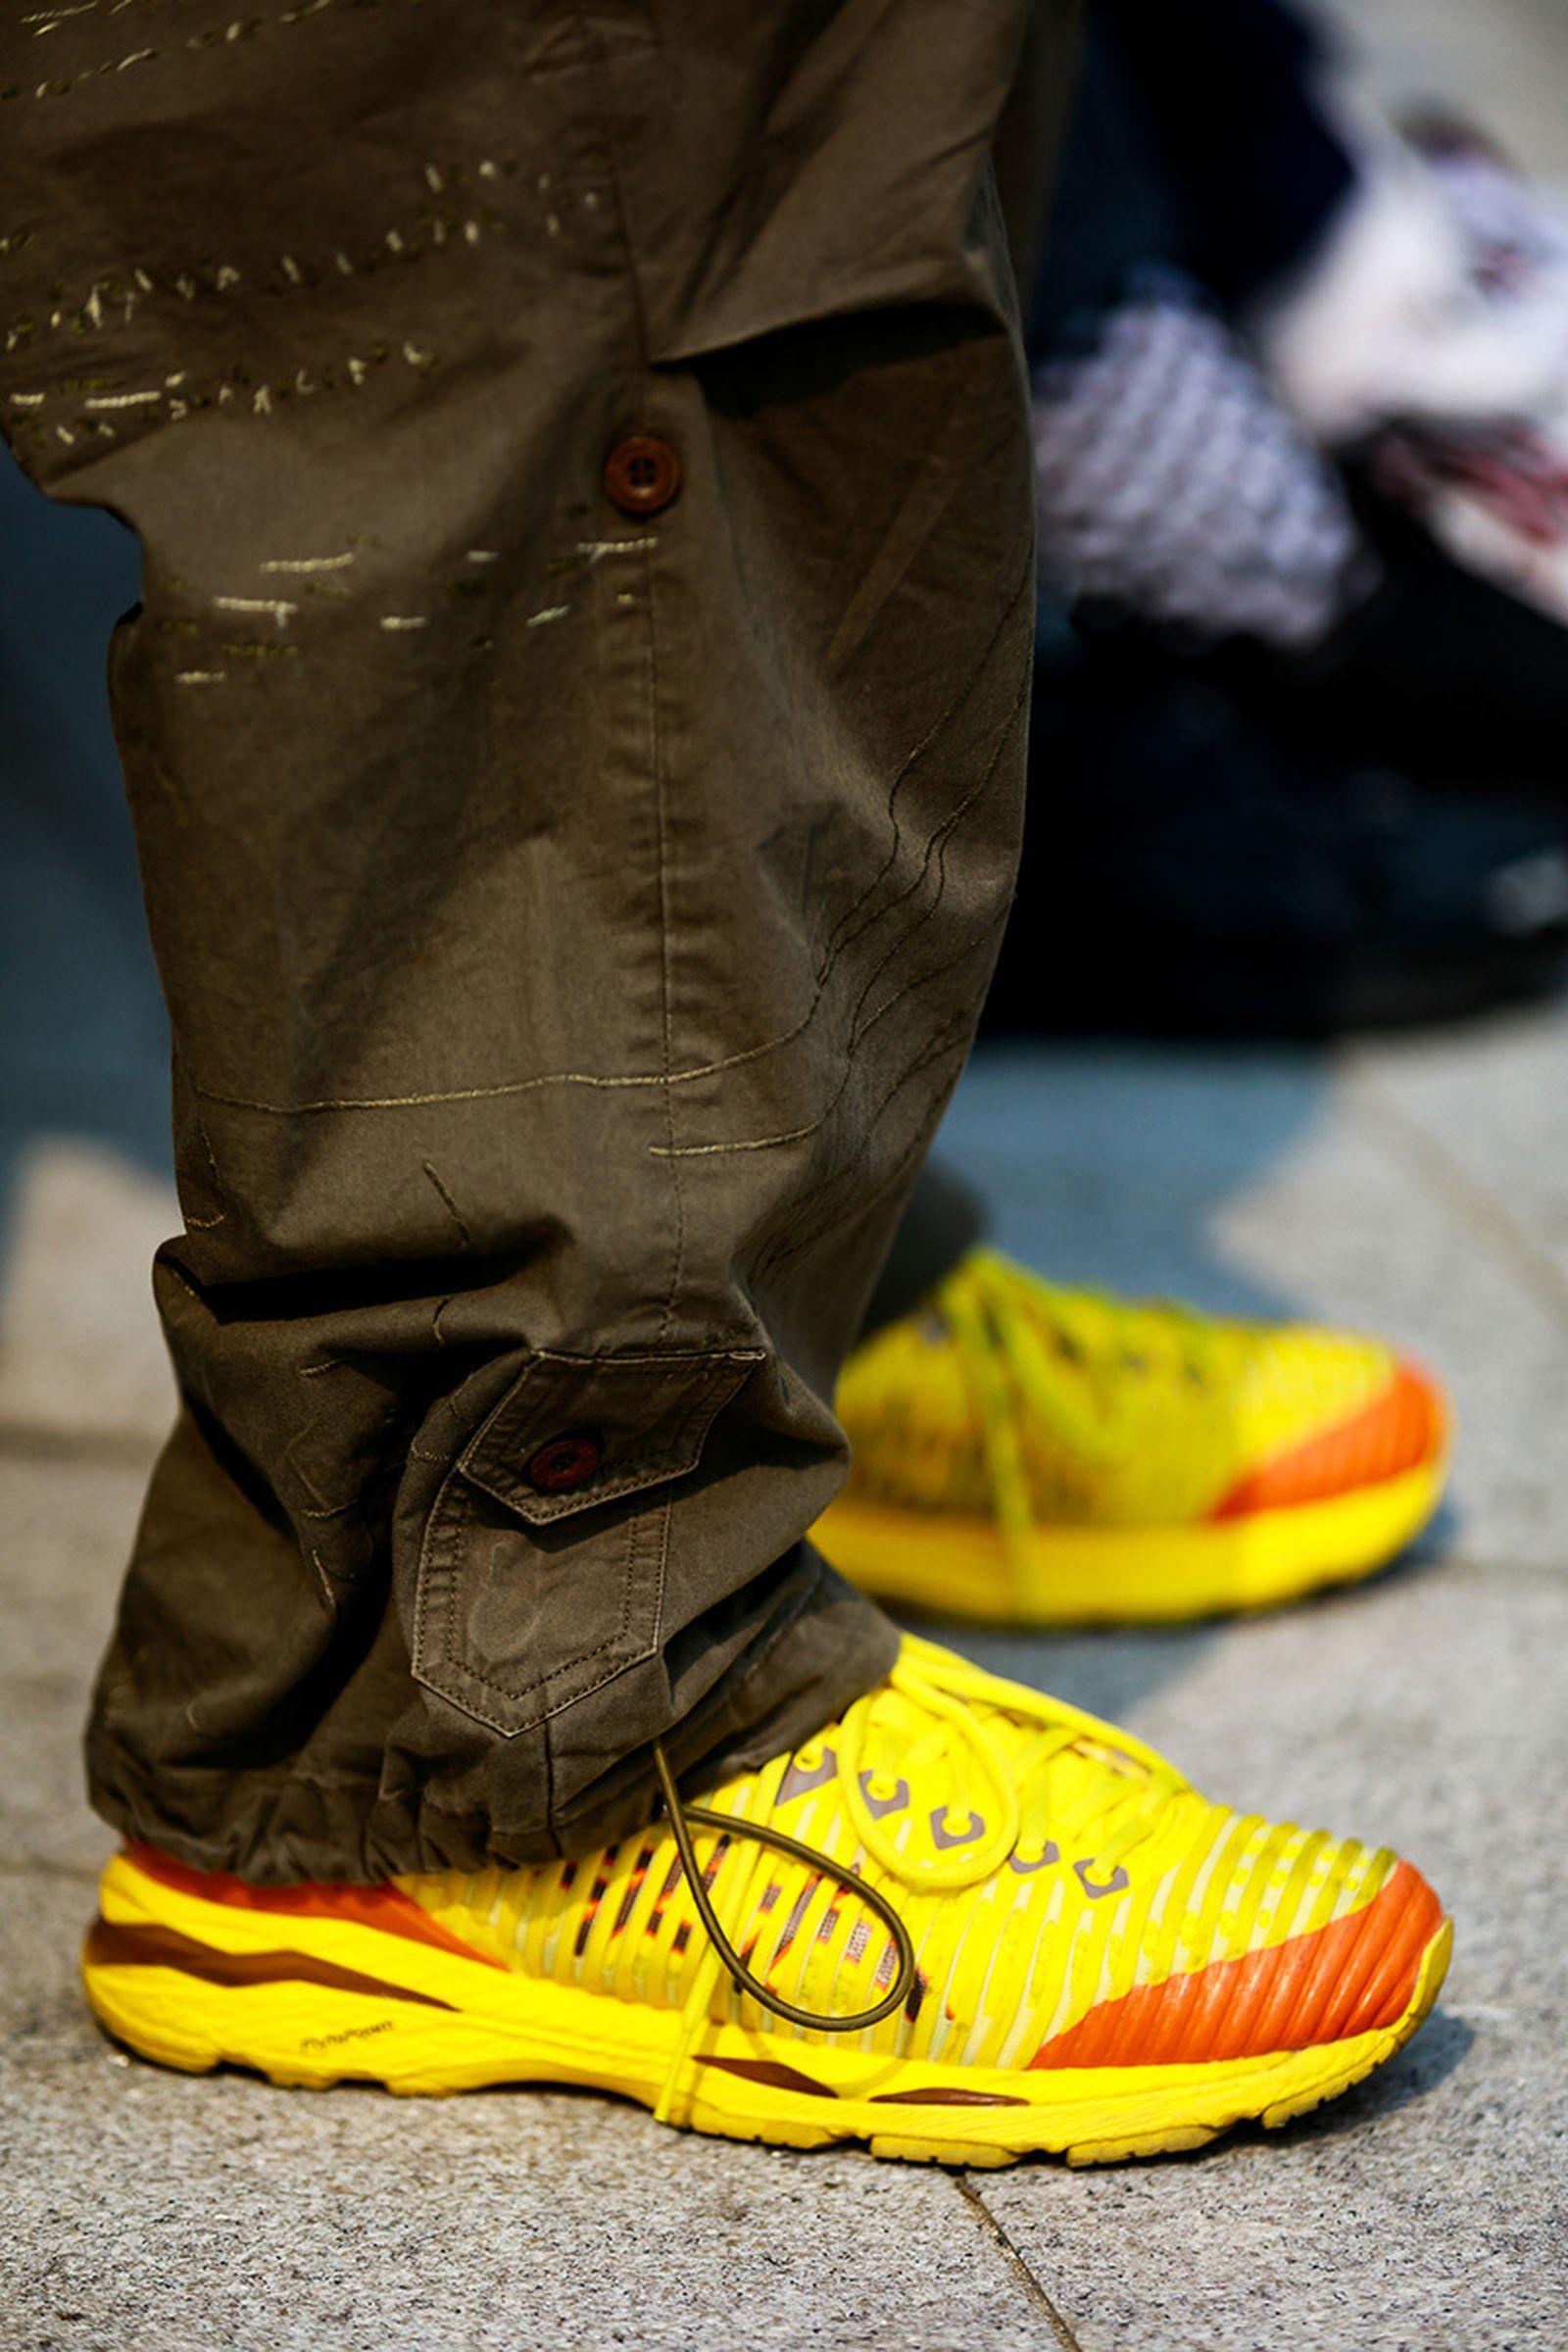 FW19 Seoul StreetStyle Sneakers PaulJeong 01 Sneaker street style seoul fashion week